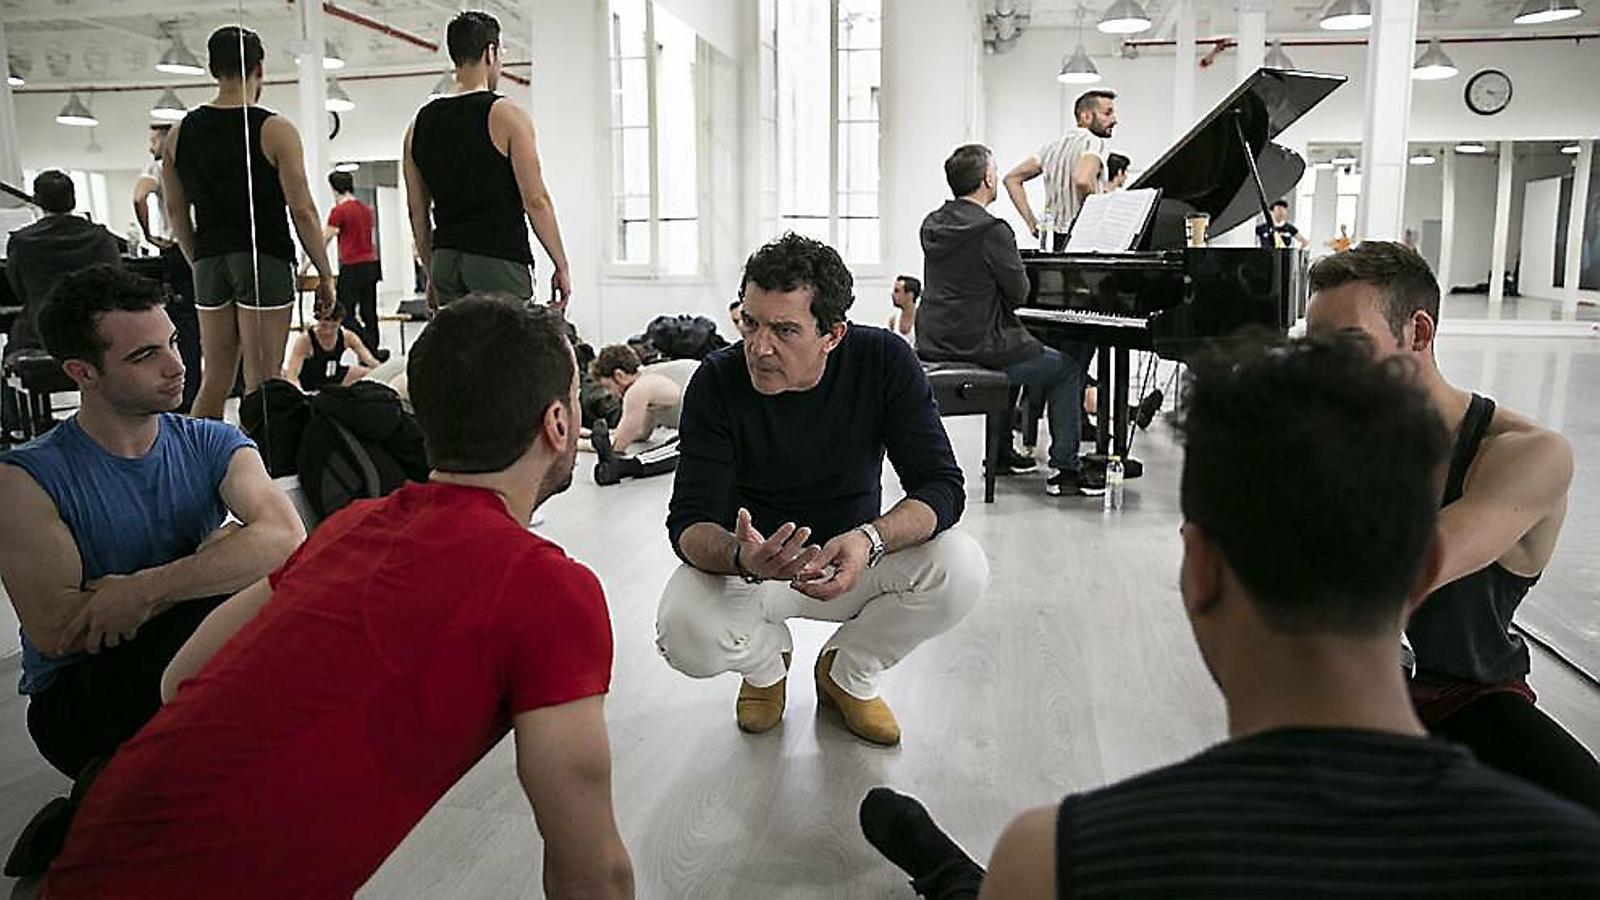 Antonio Banderas actuarà i dirigirà el musical A chorus line, que arribarà al febrer al Tívoli.